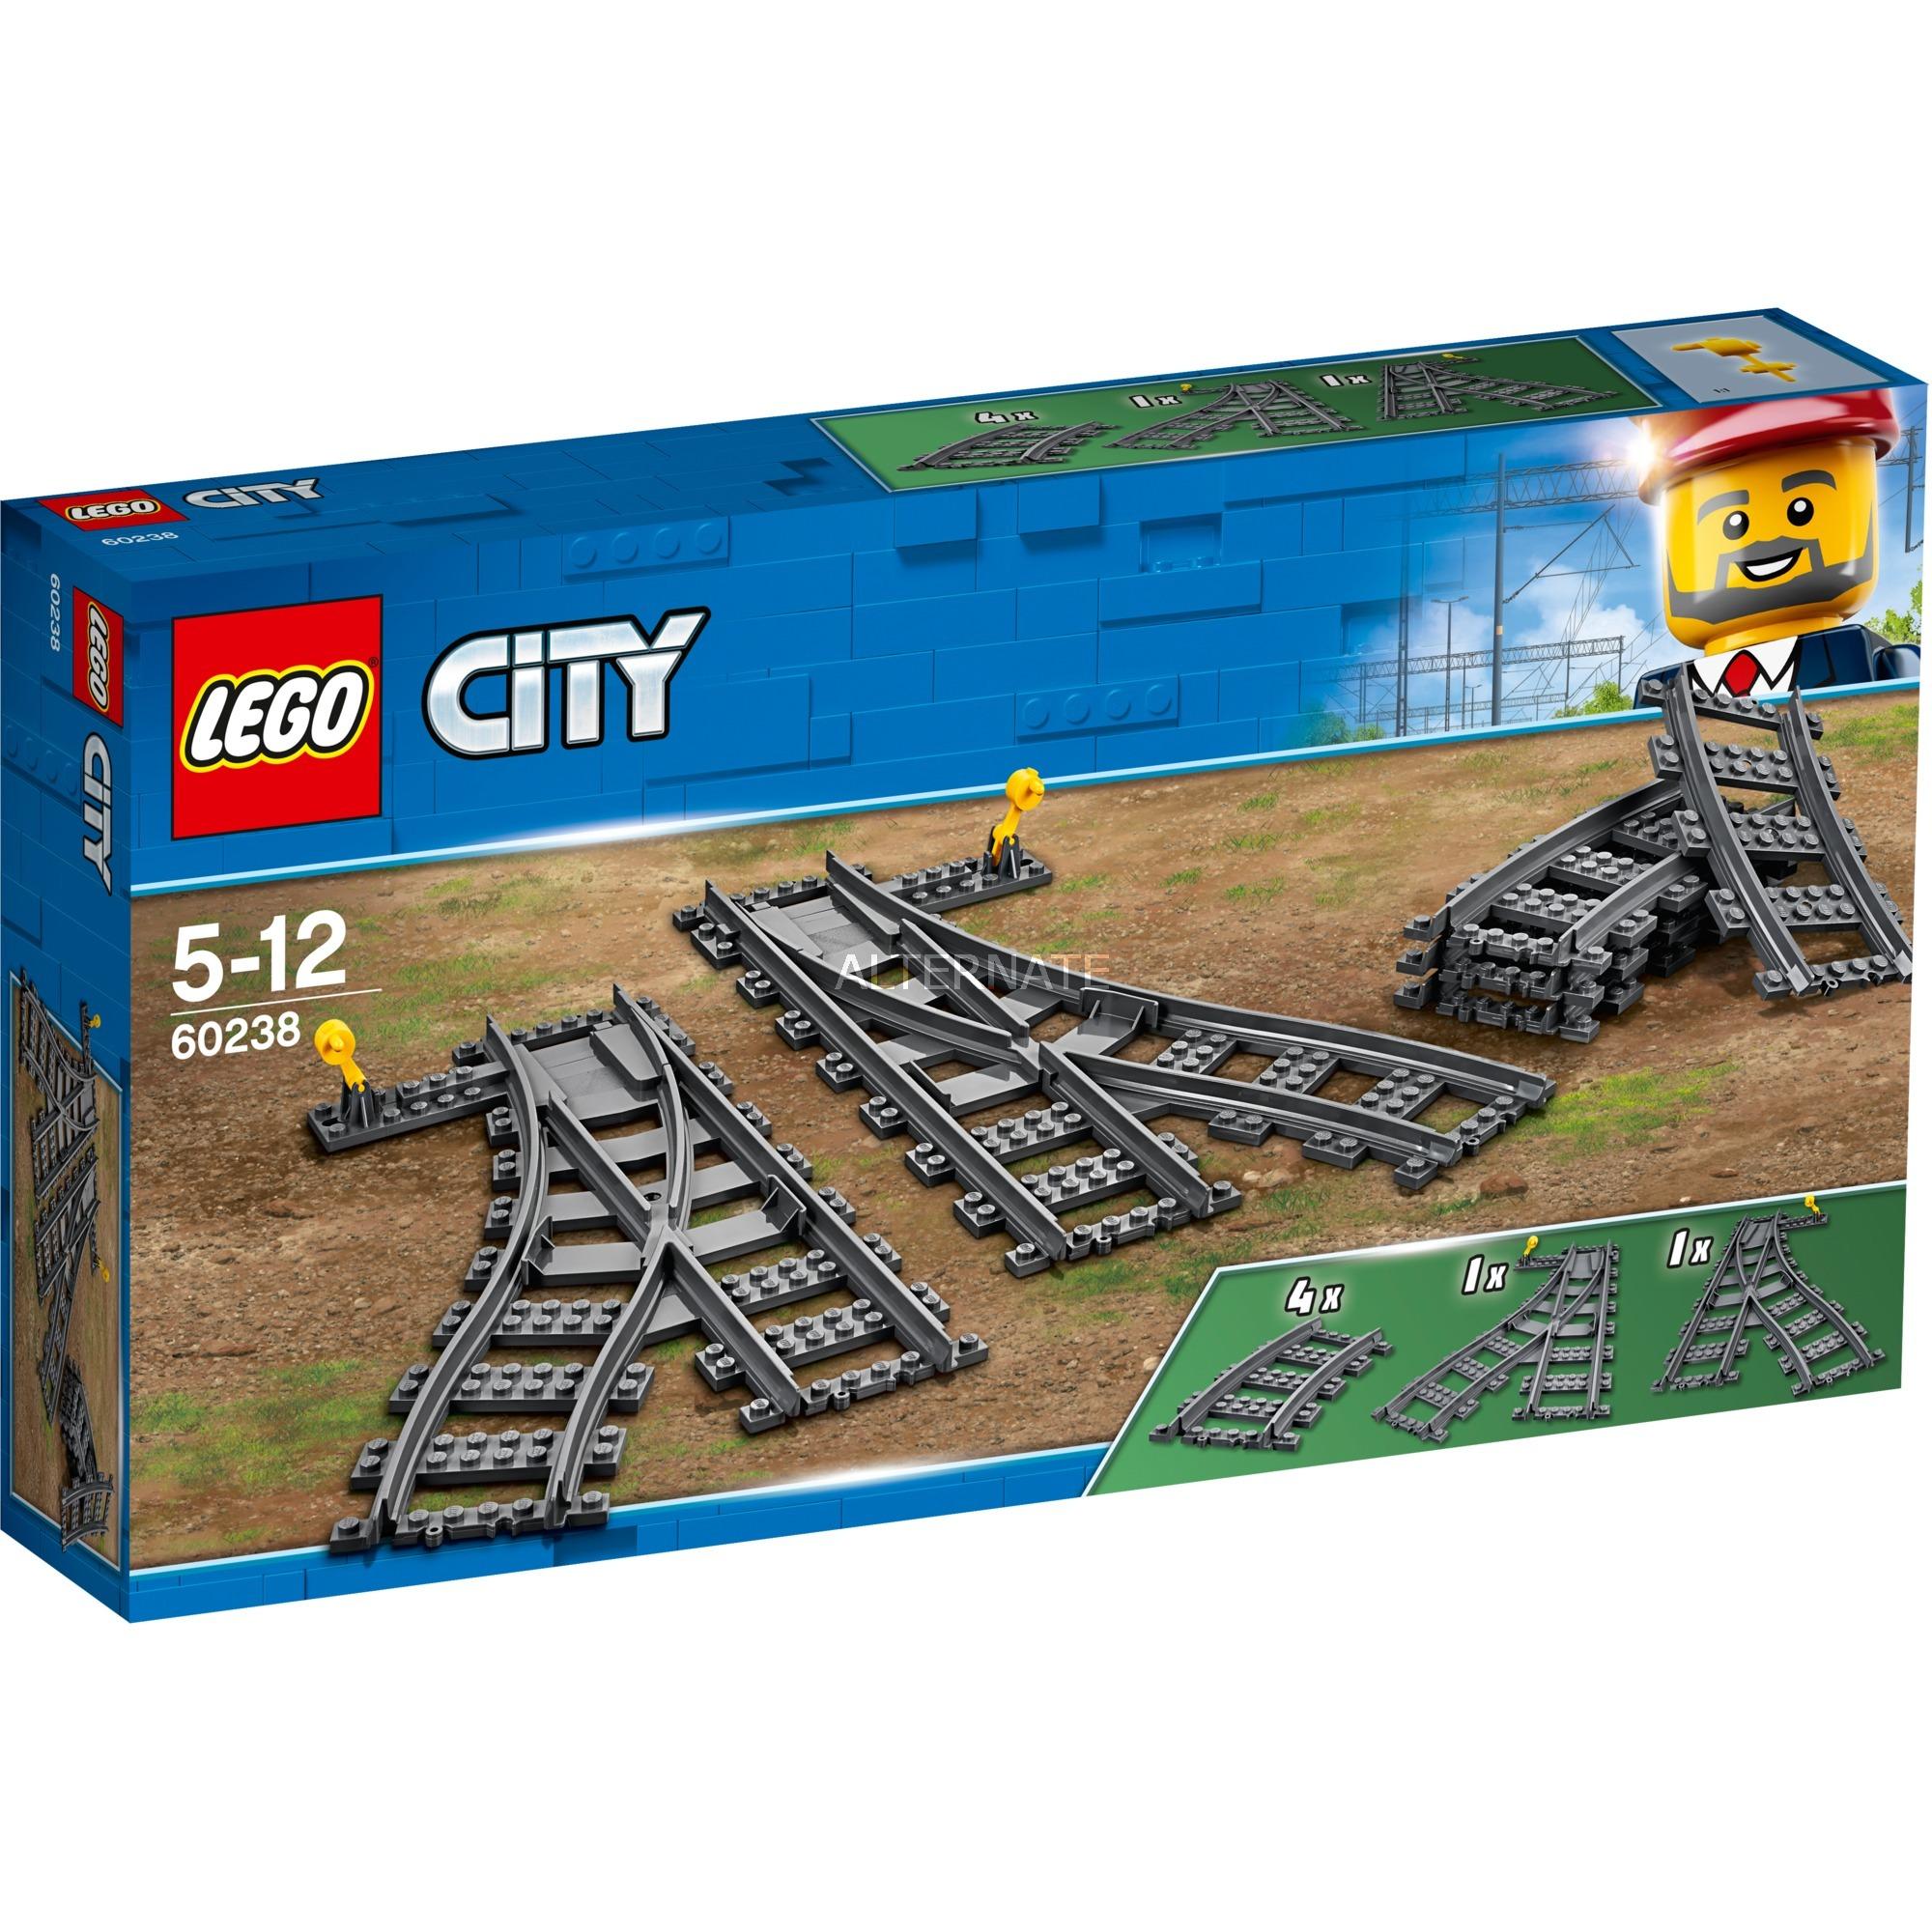 60238, Juegos de construcción